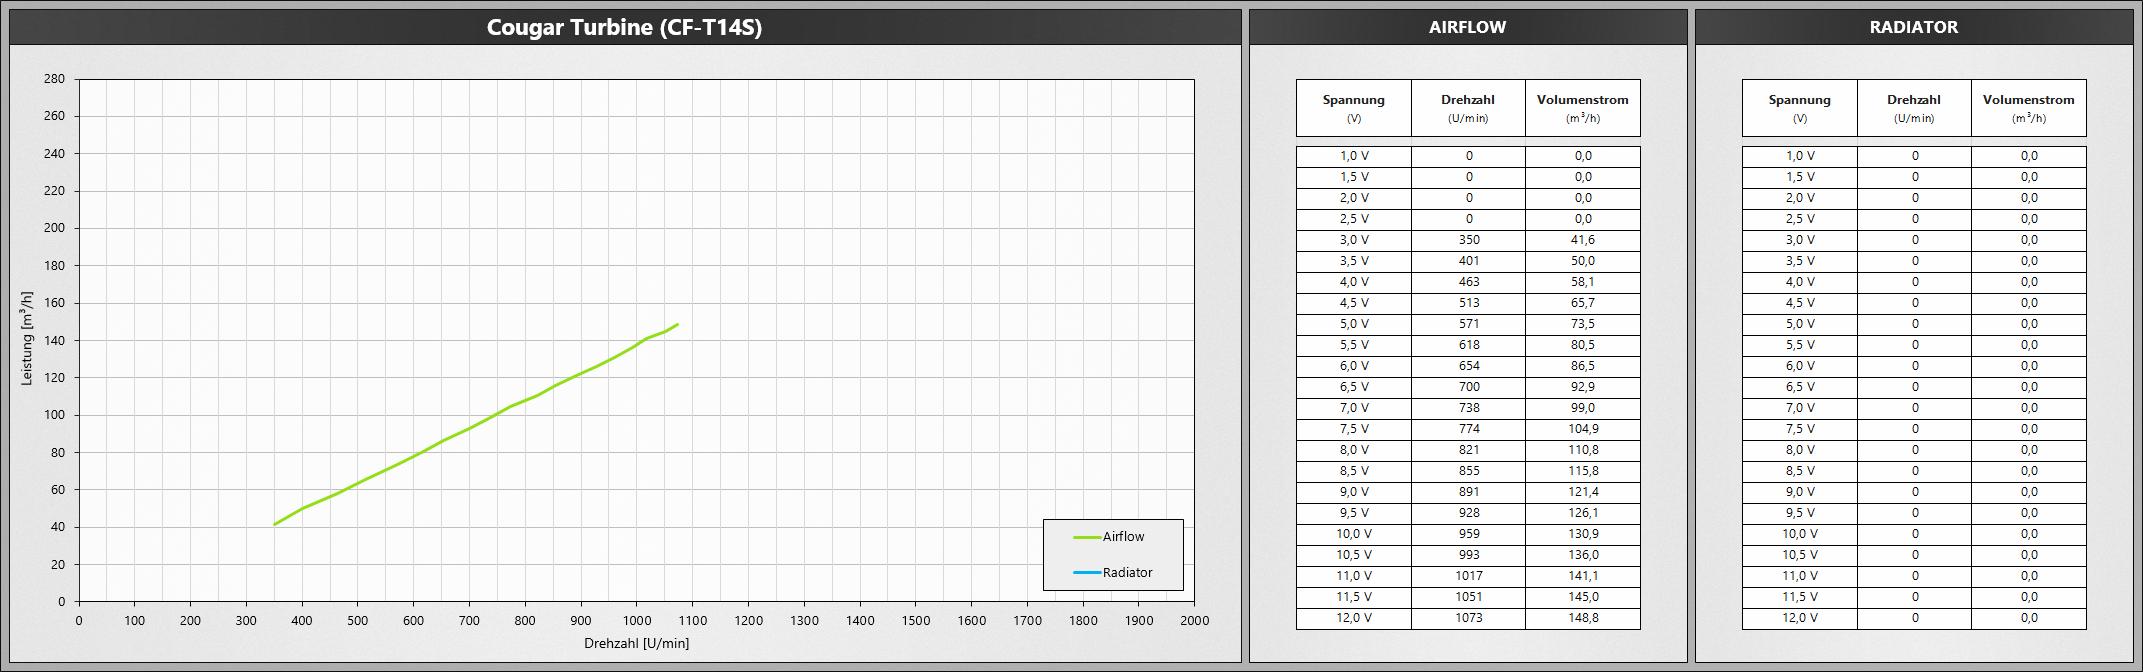 Klicken Sie auf die Grafik für eine größere Ansicht  Name:CougarT14S.png Hits:650 Größe:465,2 KB ID:1074745